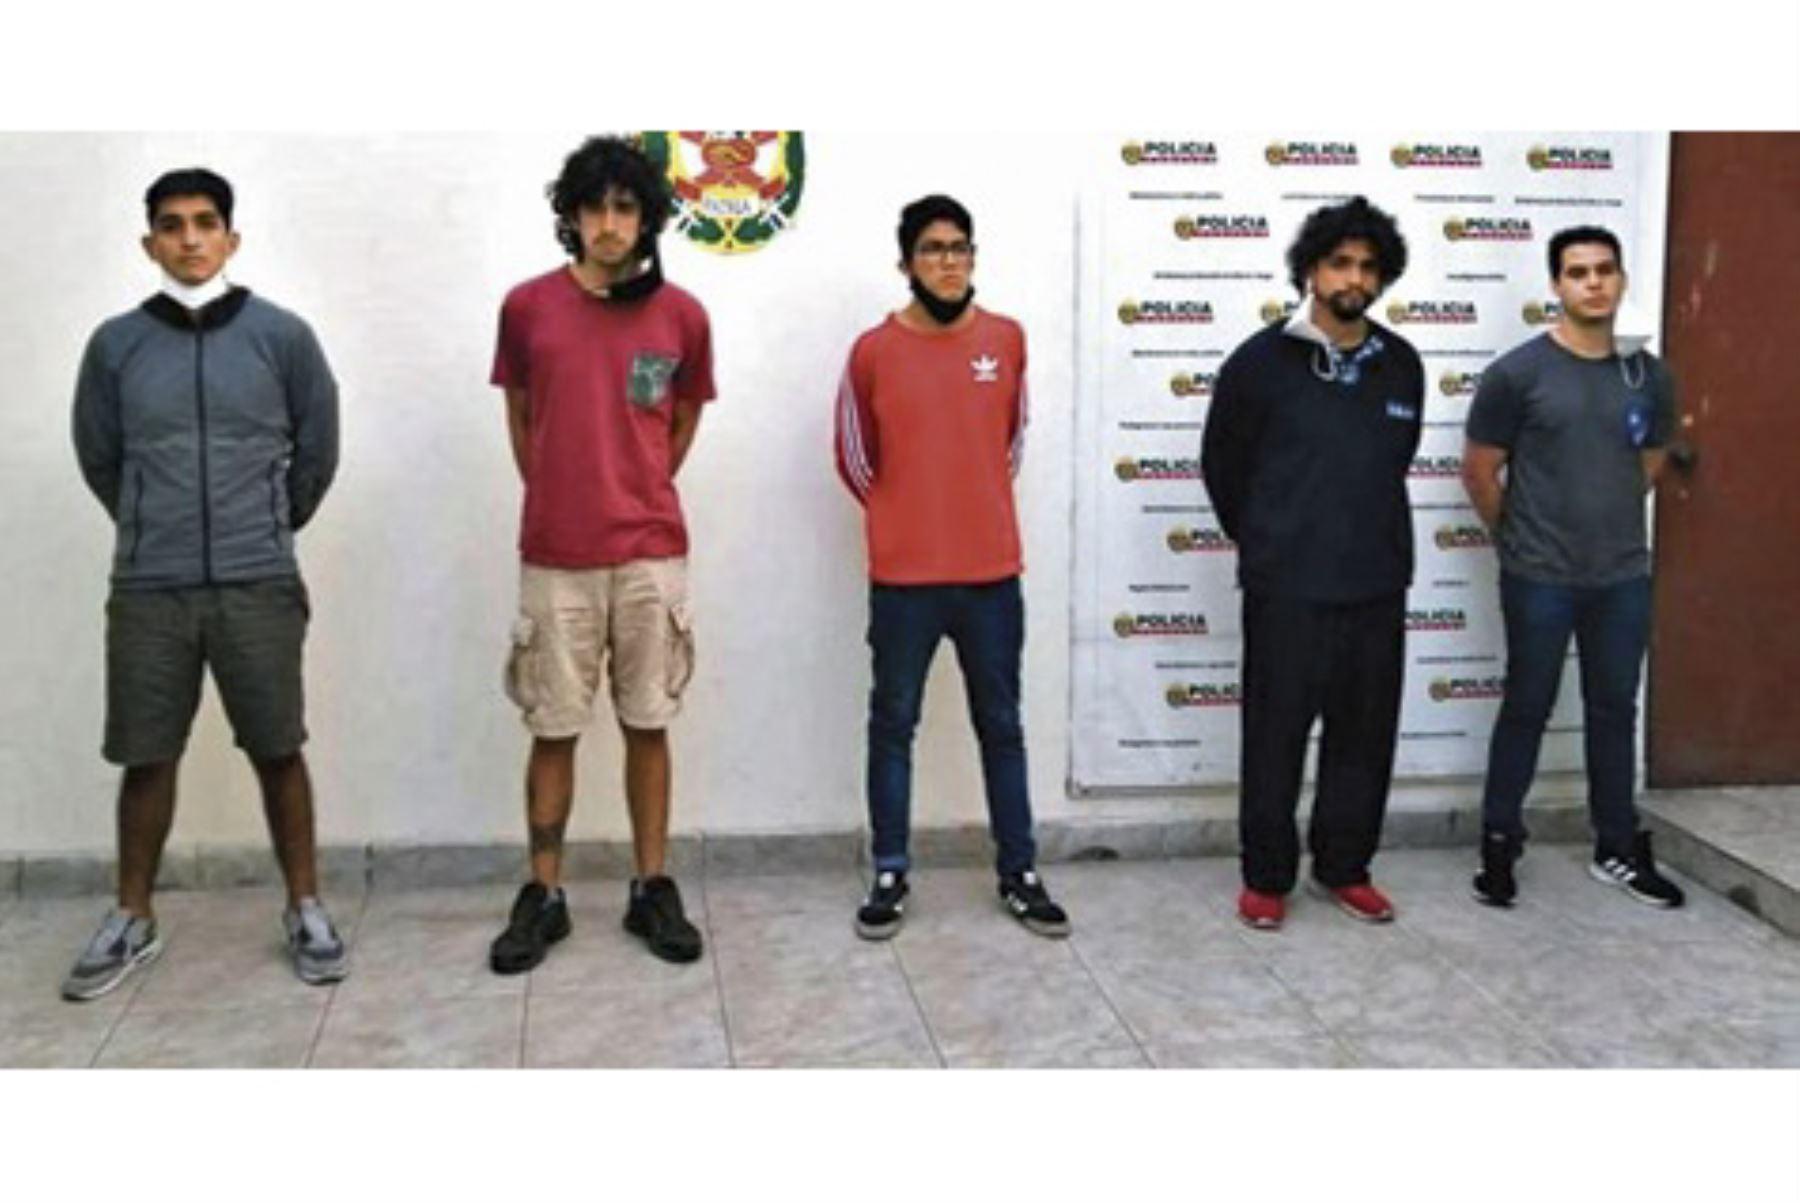 Dictan 9 meses de prisión preventiva para 5 hombres que habrían violado a joven en Surco. Foto: ANDINA/Difusión.